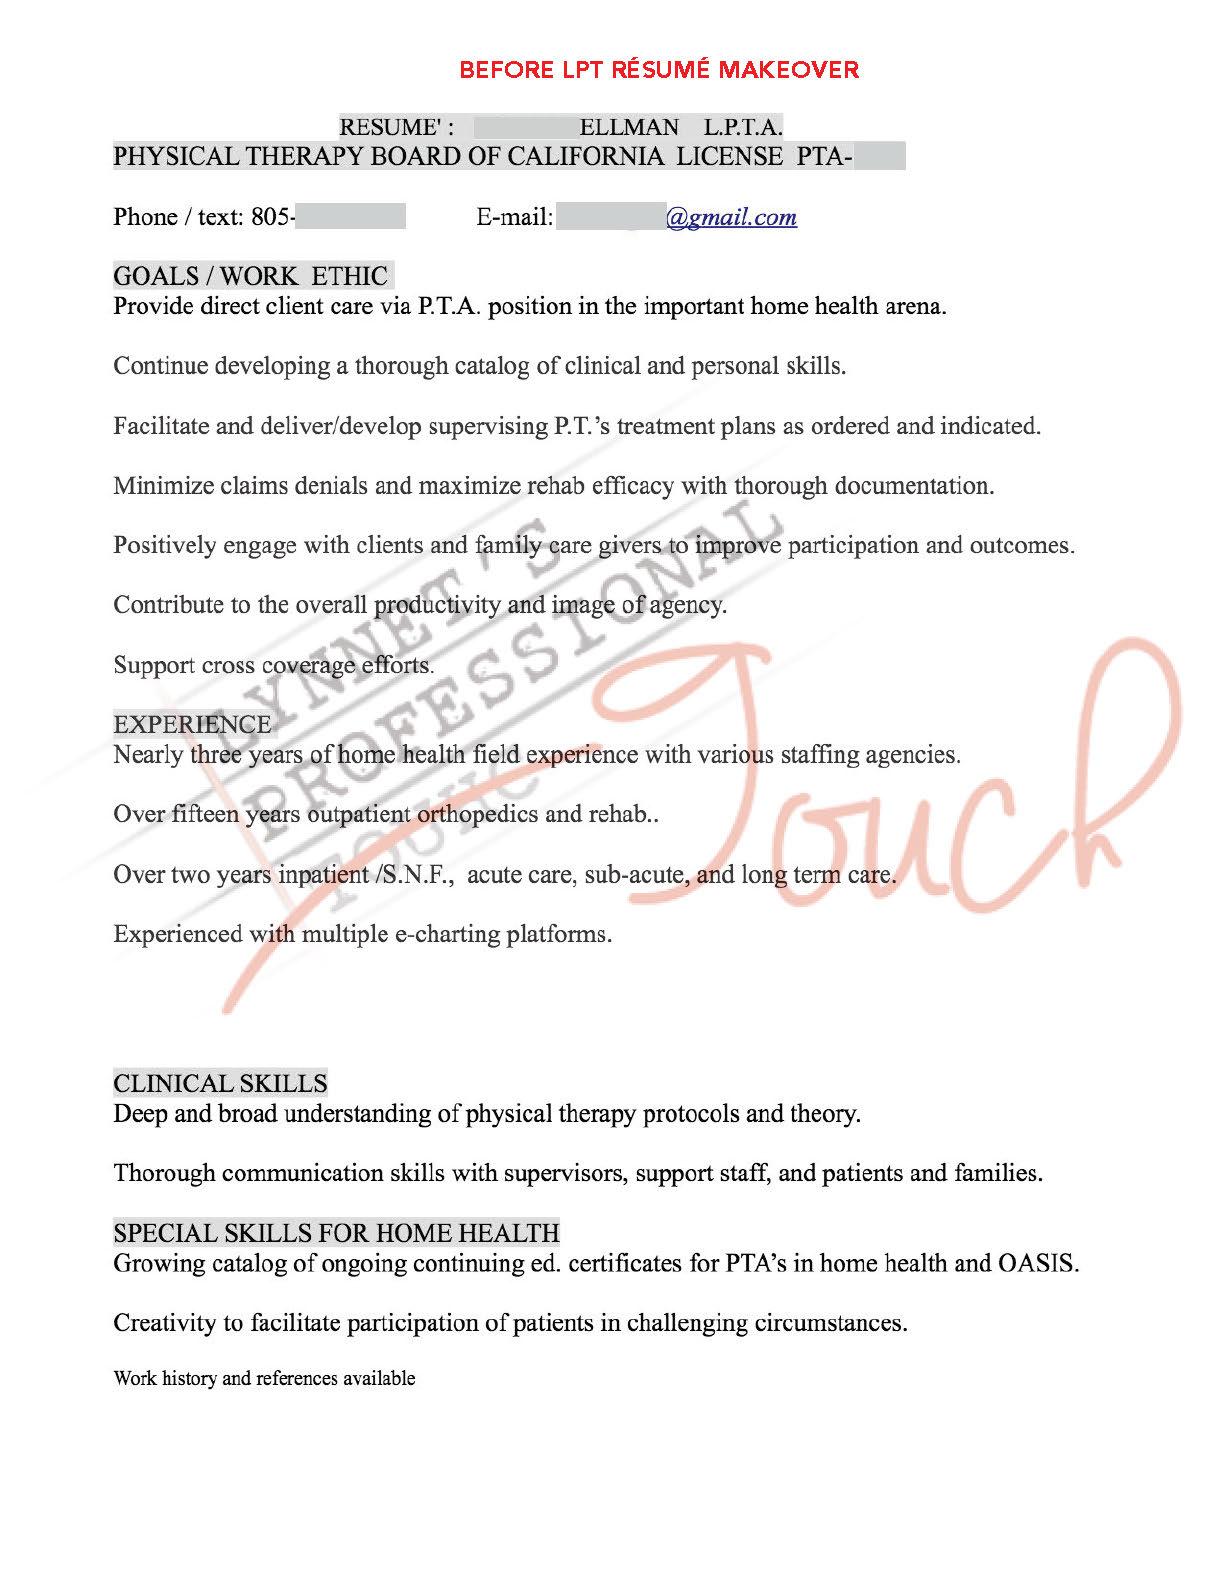 LPT Resume Makeover BEFORE SAMPLE 01.jpg